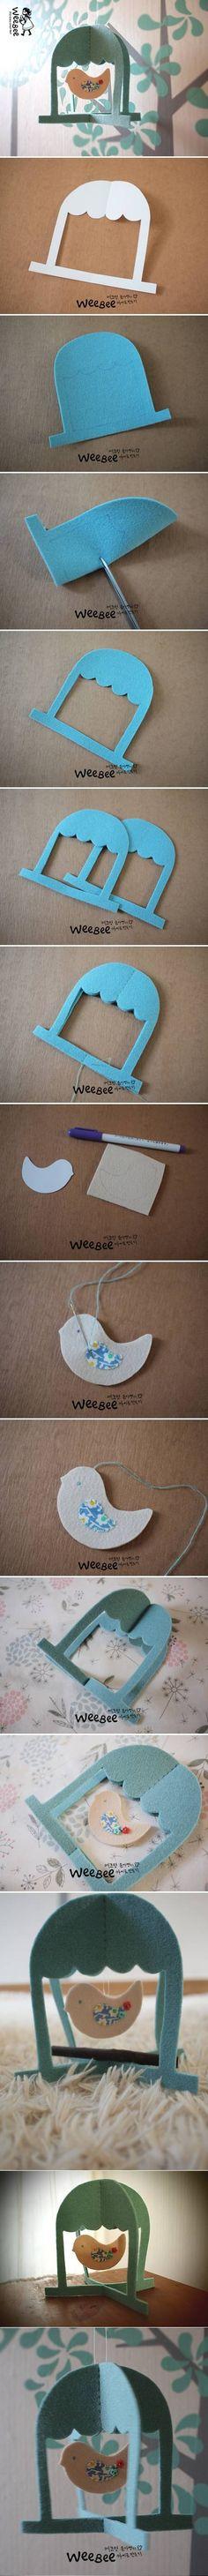 DIY Cute Felt Bird Mobile DIY Cute Felt Bird Mobile by diyforever